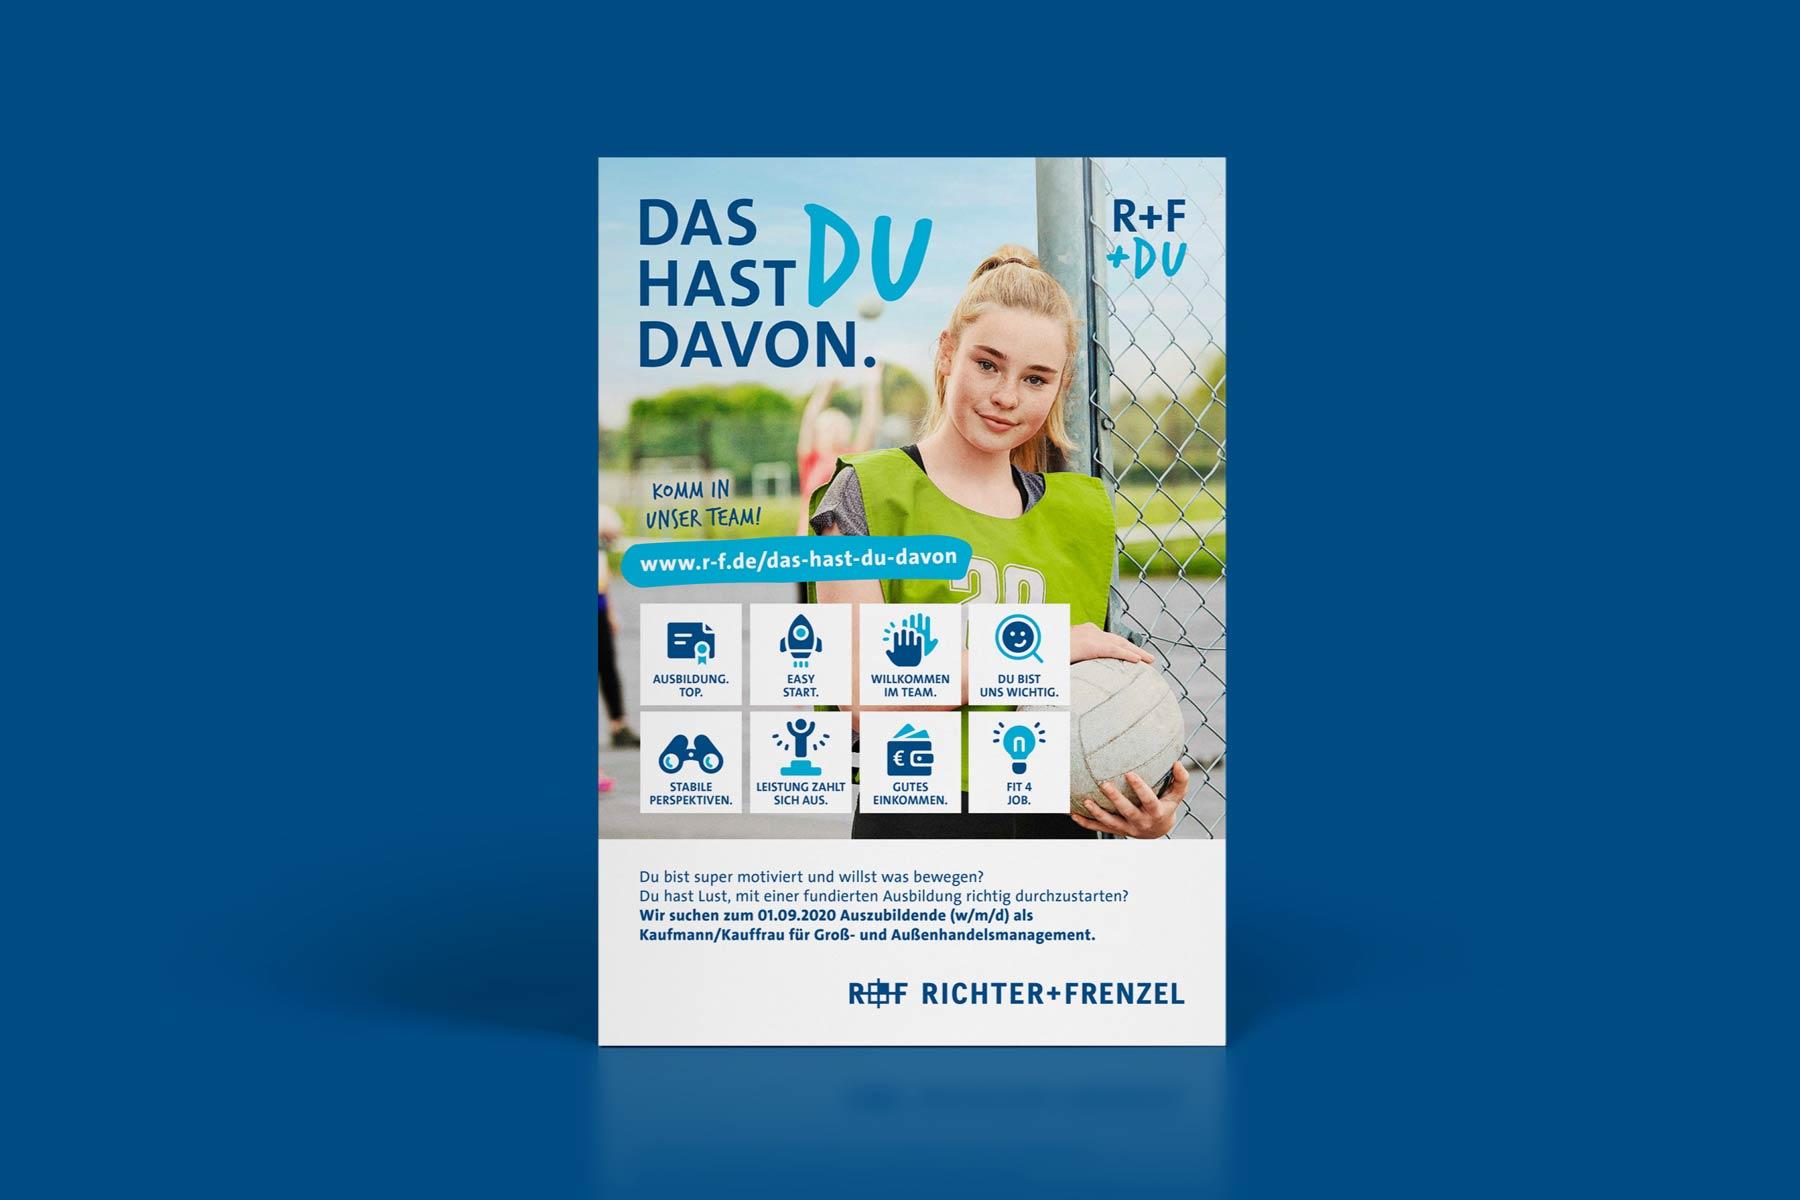 Azubi-Kampagne für Richter+Frenzel - Grafikdesign